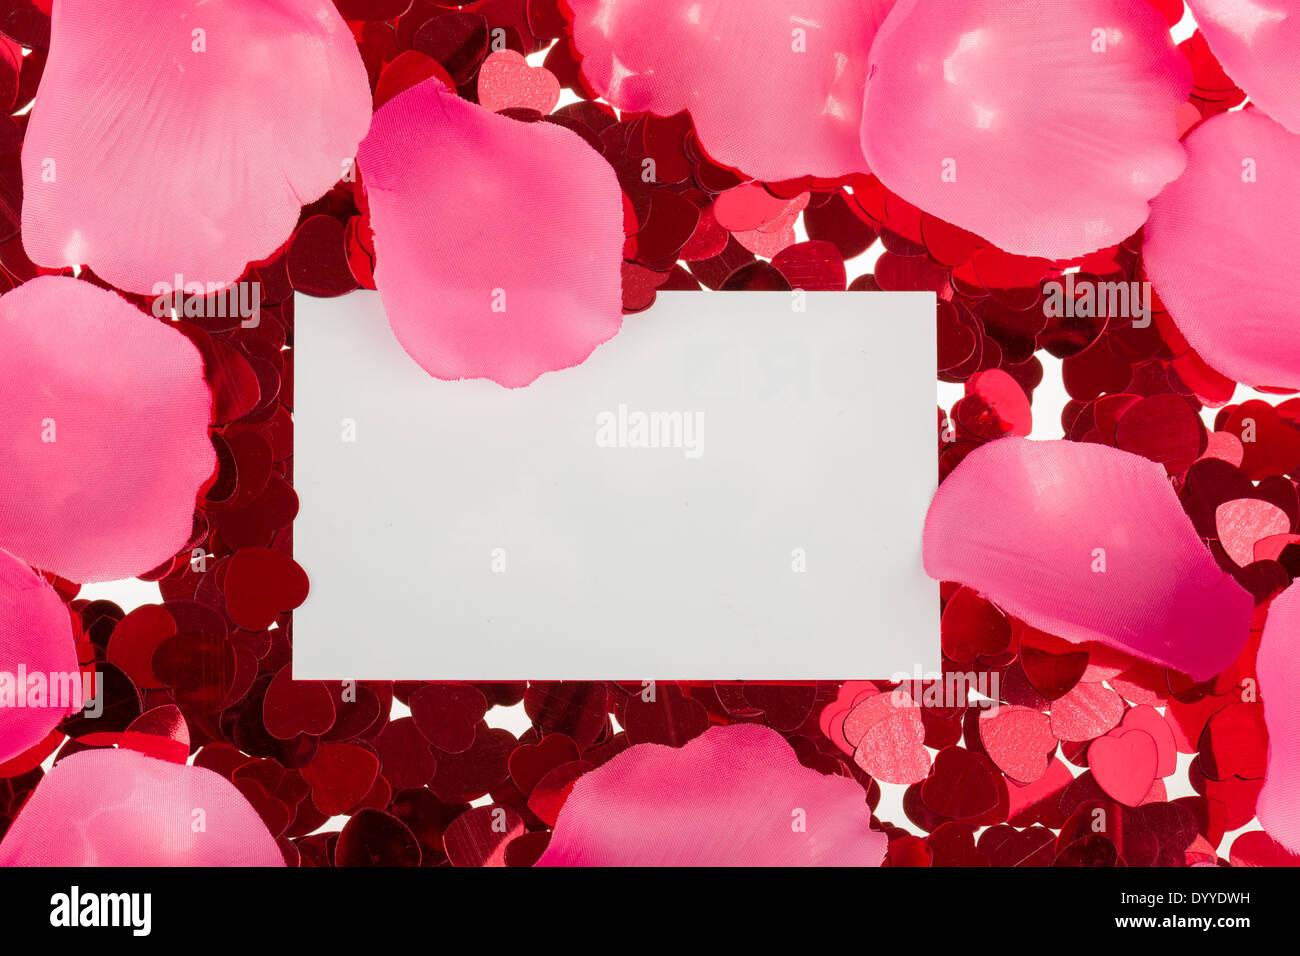 Stockfoto   Kleine Rote Konfetti Und Emty Karte Zum Valentinstag Liebe  Nachricht